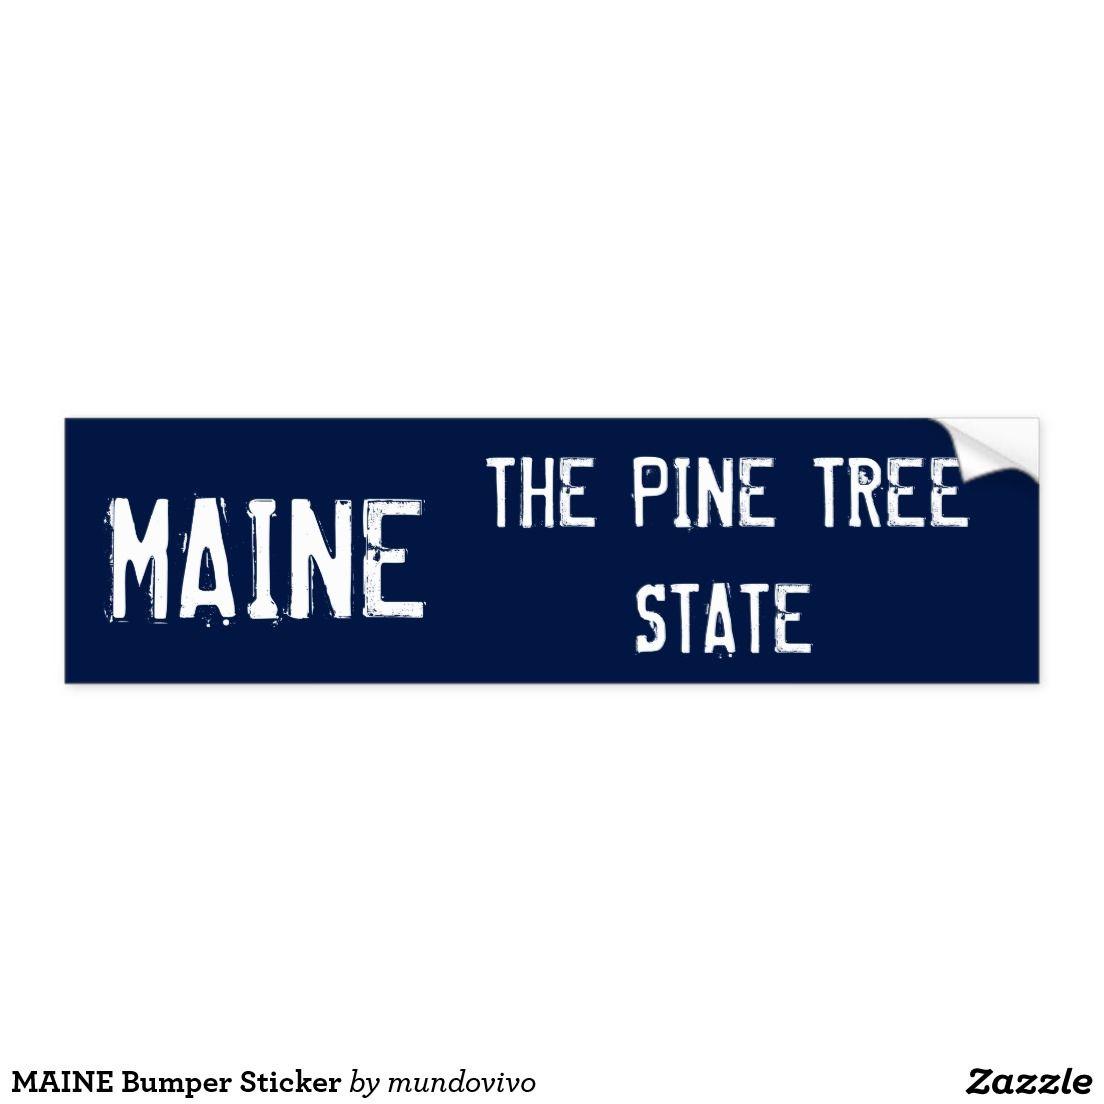 Maine Bumper Sticker Bumper Stickers Bumpers Stickers [ 1104 x 1104 Pixel ]